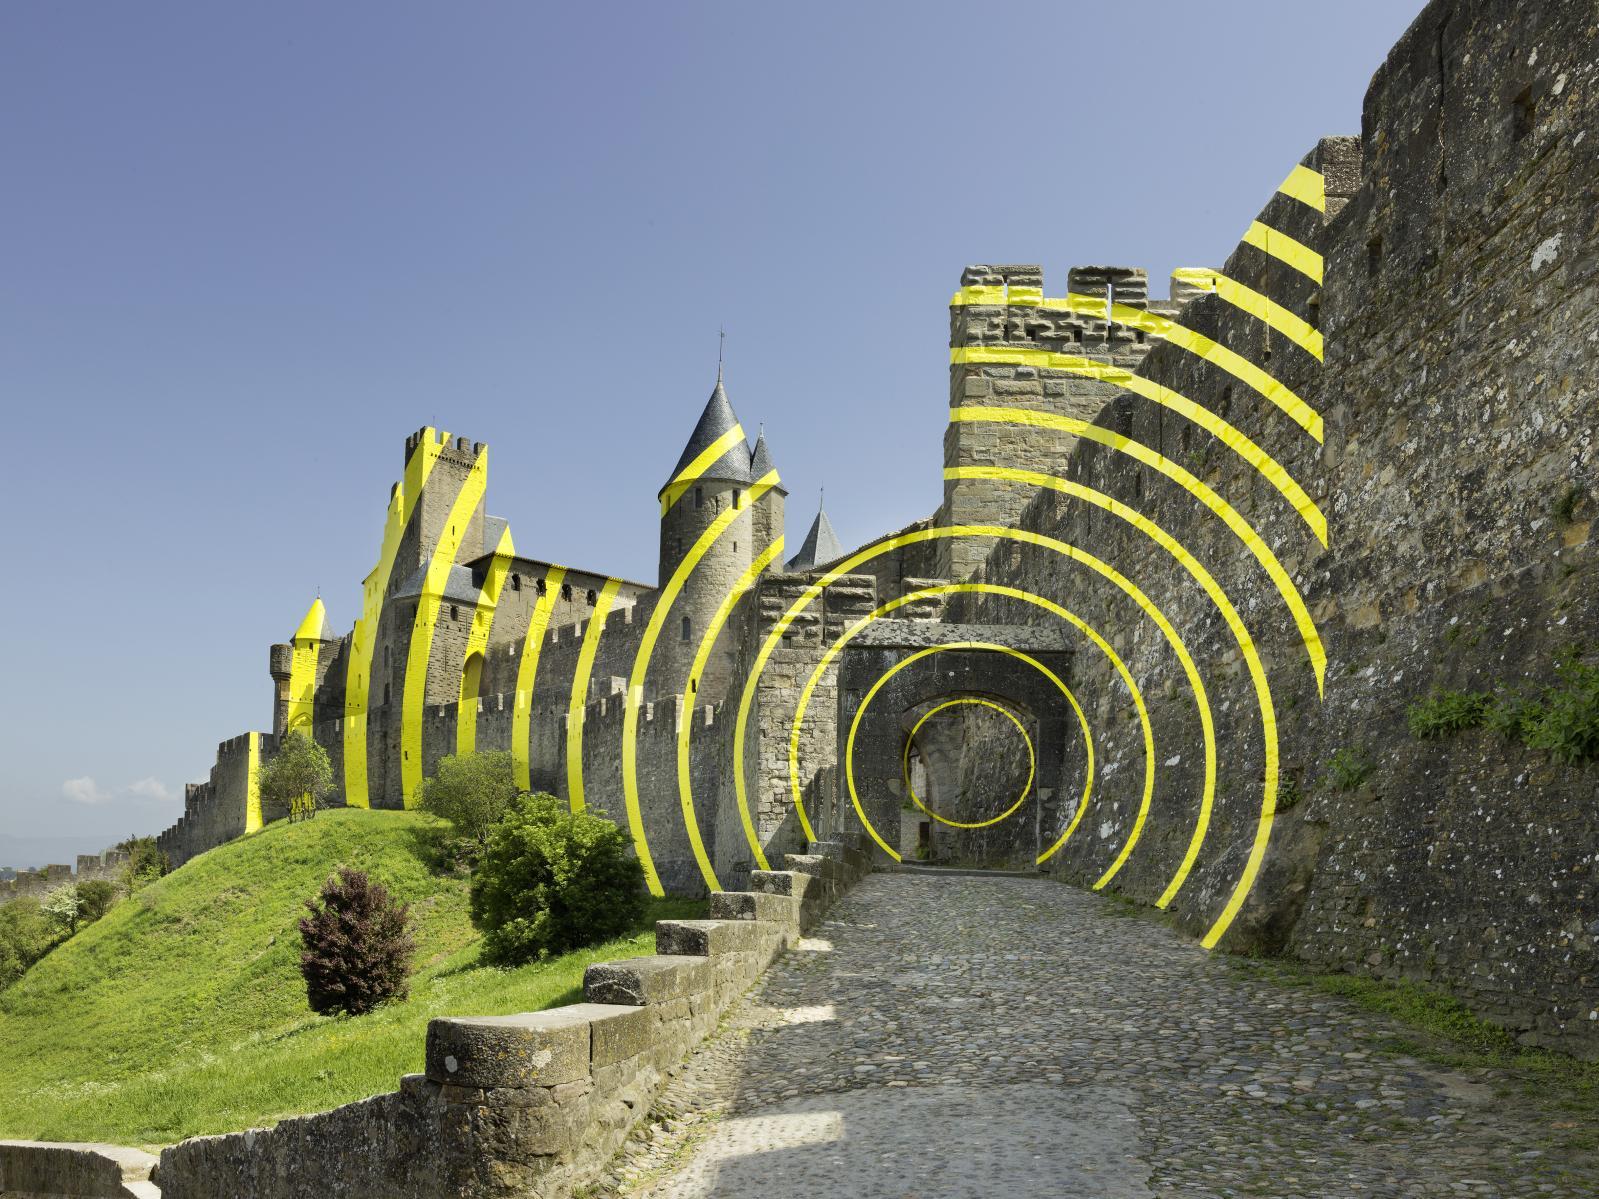 Felice Varini, Cercles concentriques excentriques, Carcassonne 2018, 7eédition de In Situ Patrimoine et art contemporain au château et remparts de la